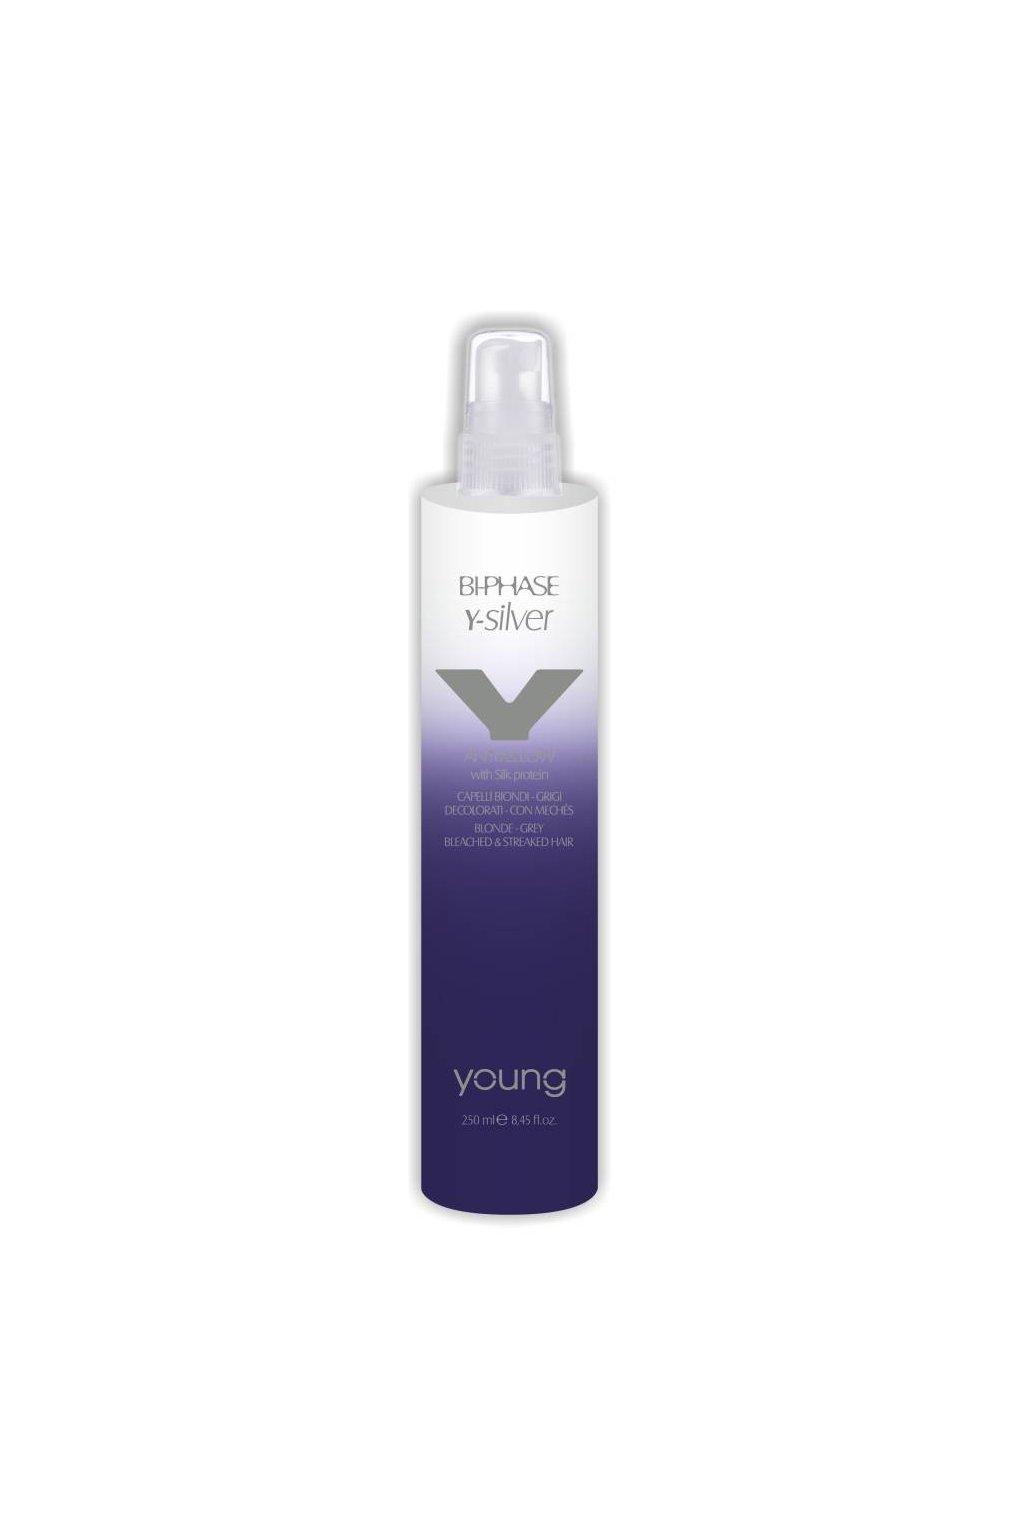 Young Y-SILVER BI-PHASE sprej pro neutralizaci žlutých tónů, oživení barvy 250ml